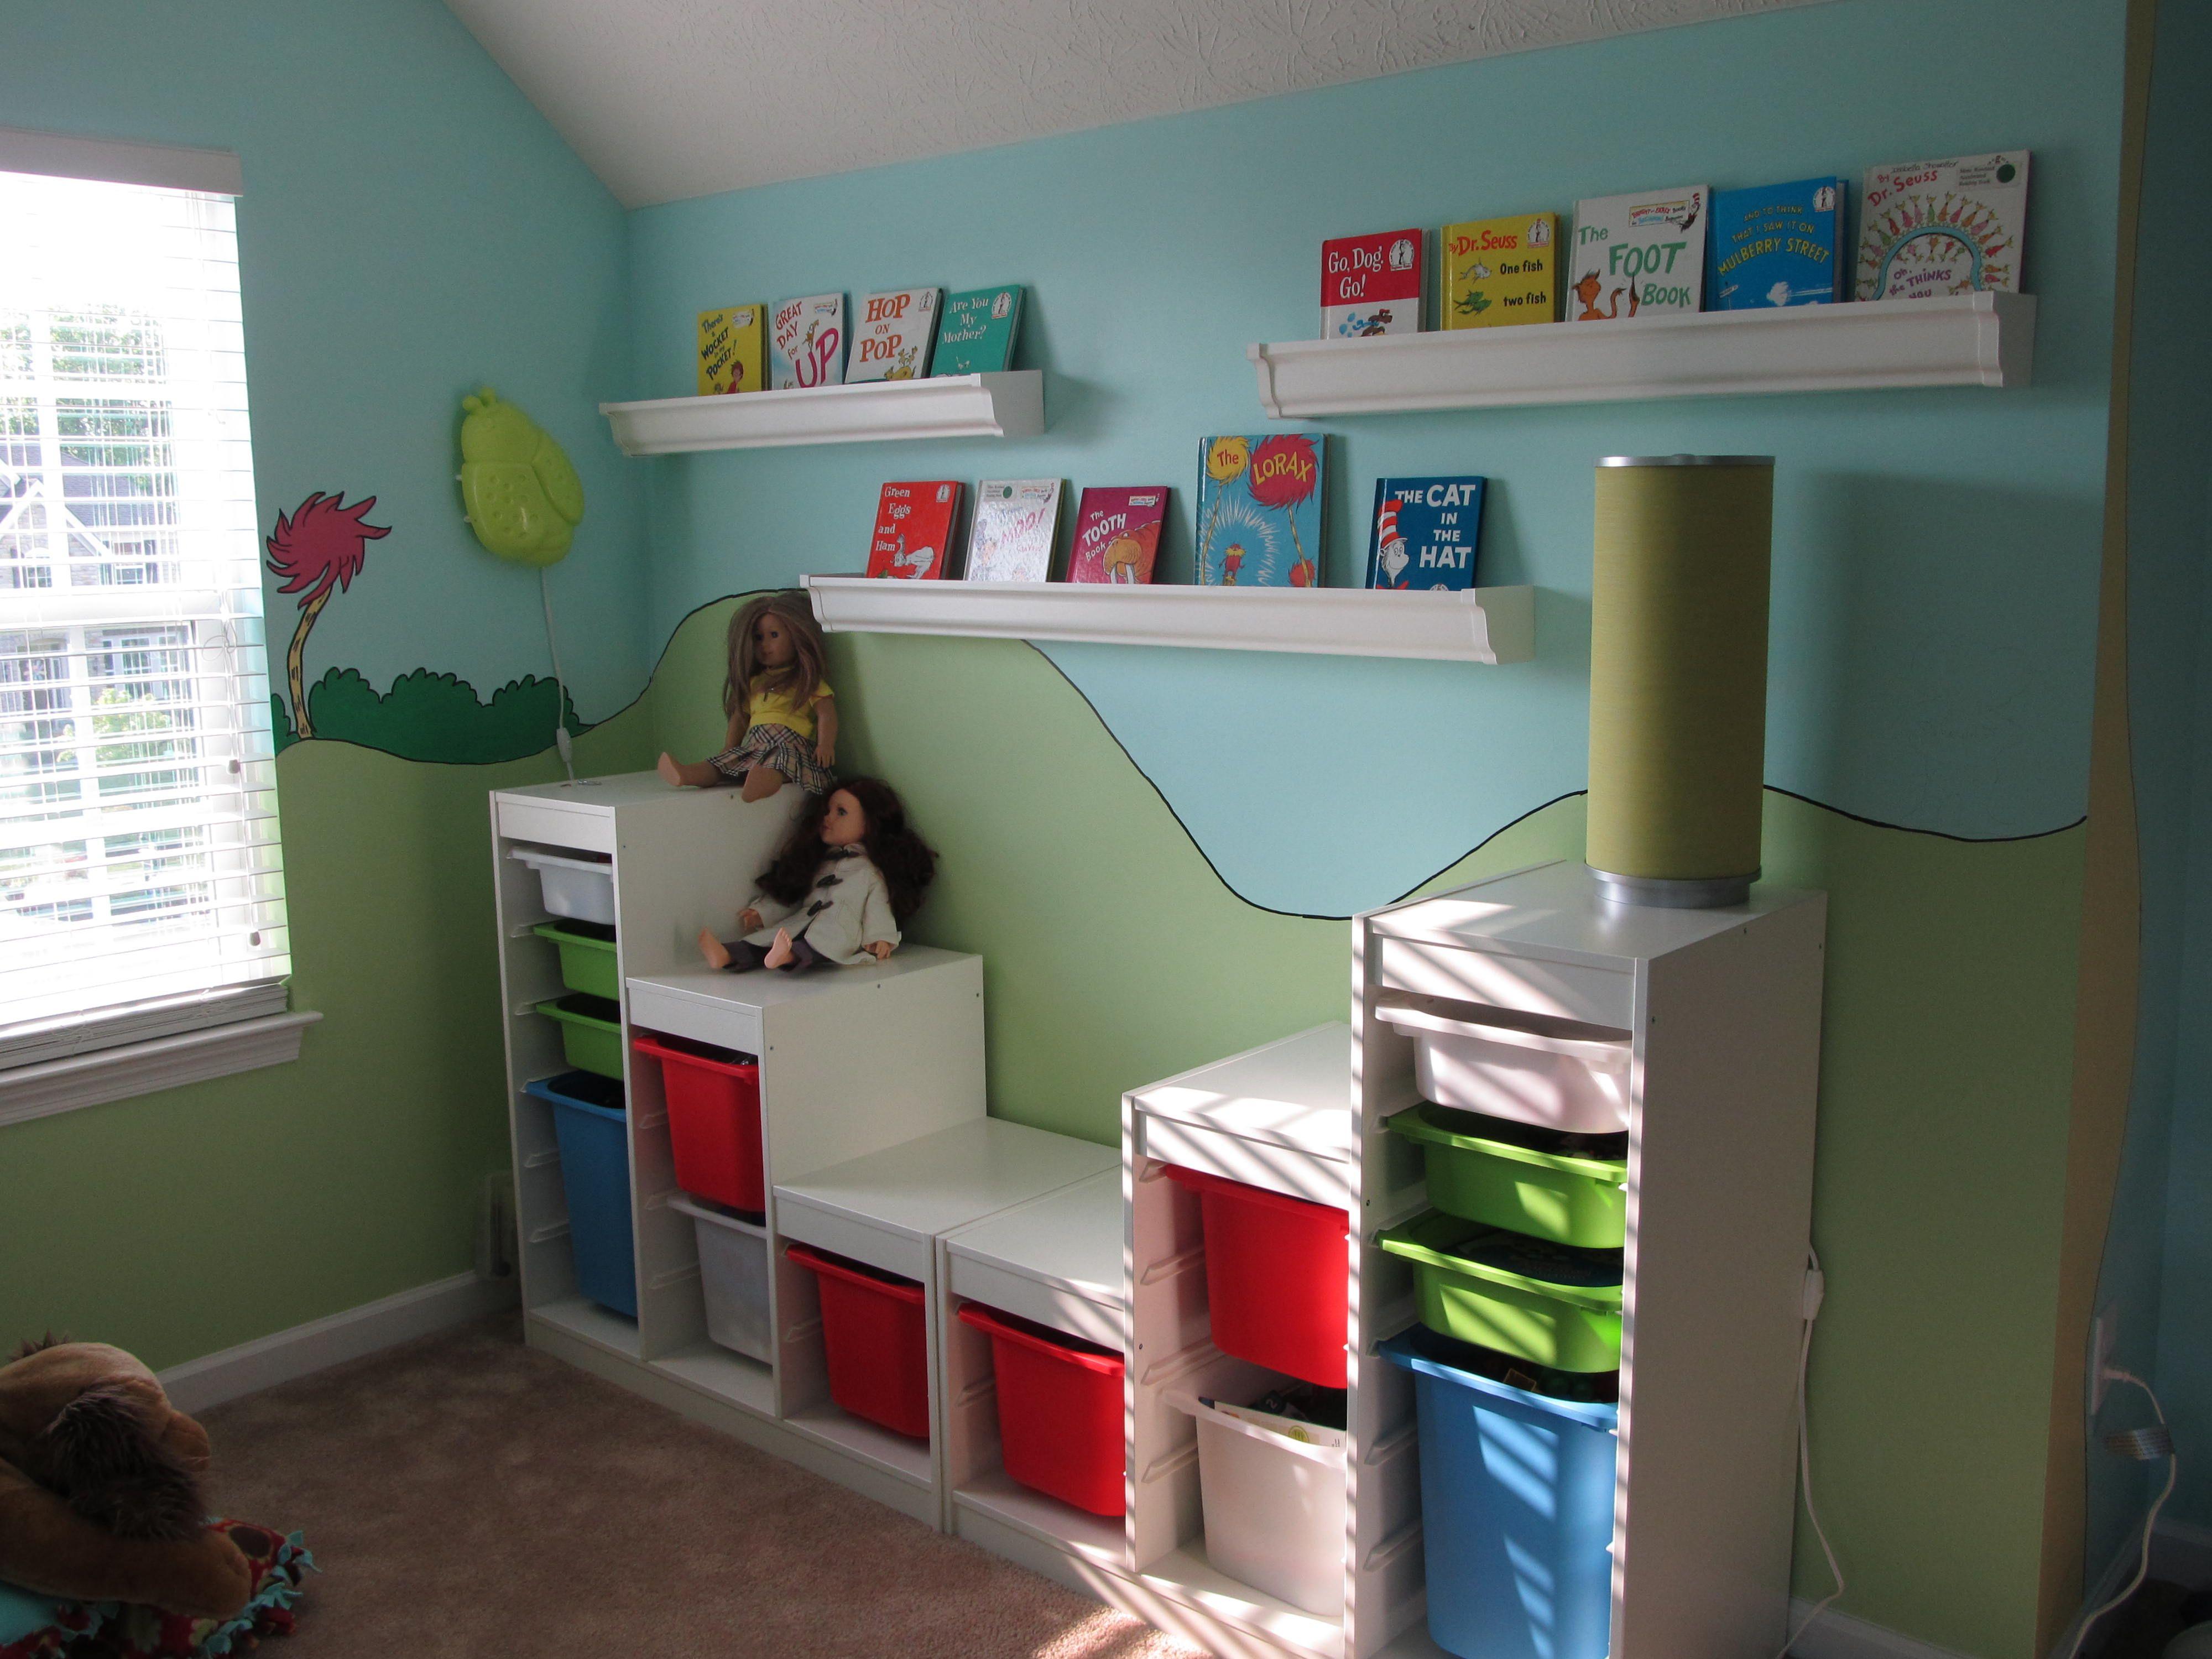 Dr. Seuss theme playroom. Trofast shelves from Ikea, rain gutter  bookshelves.